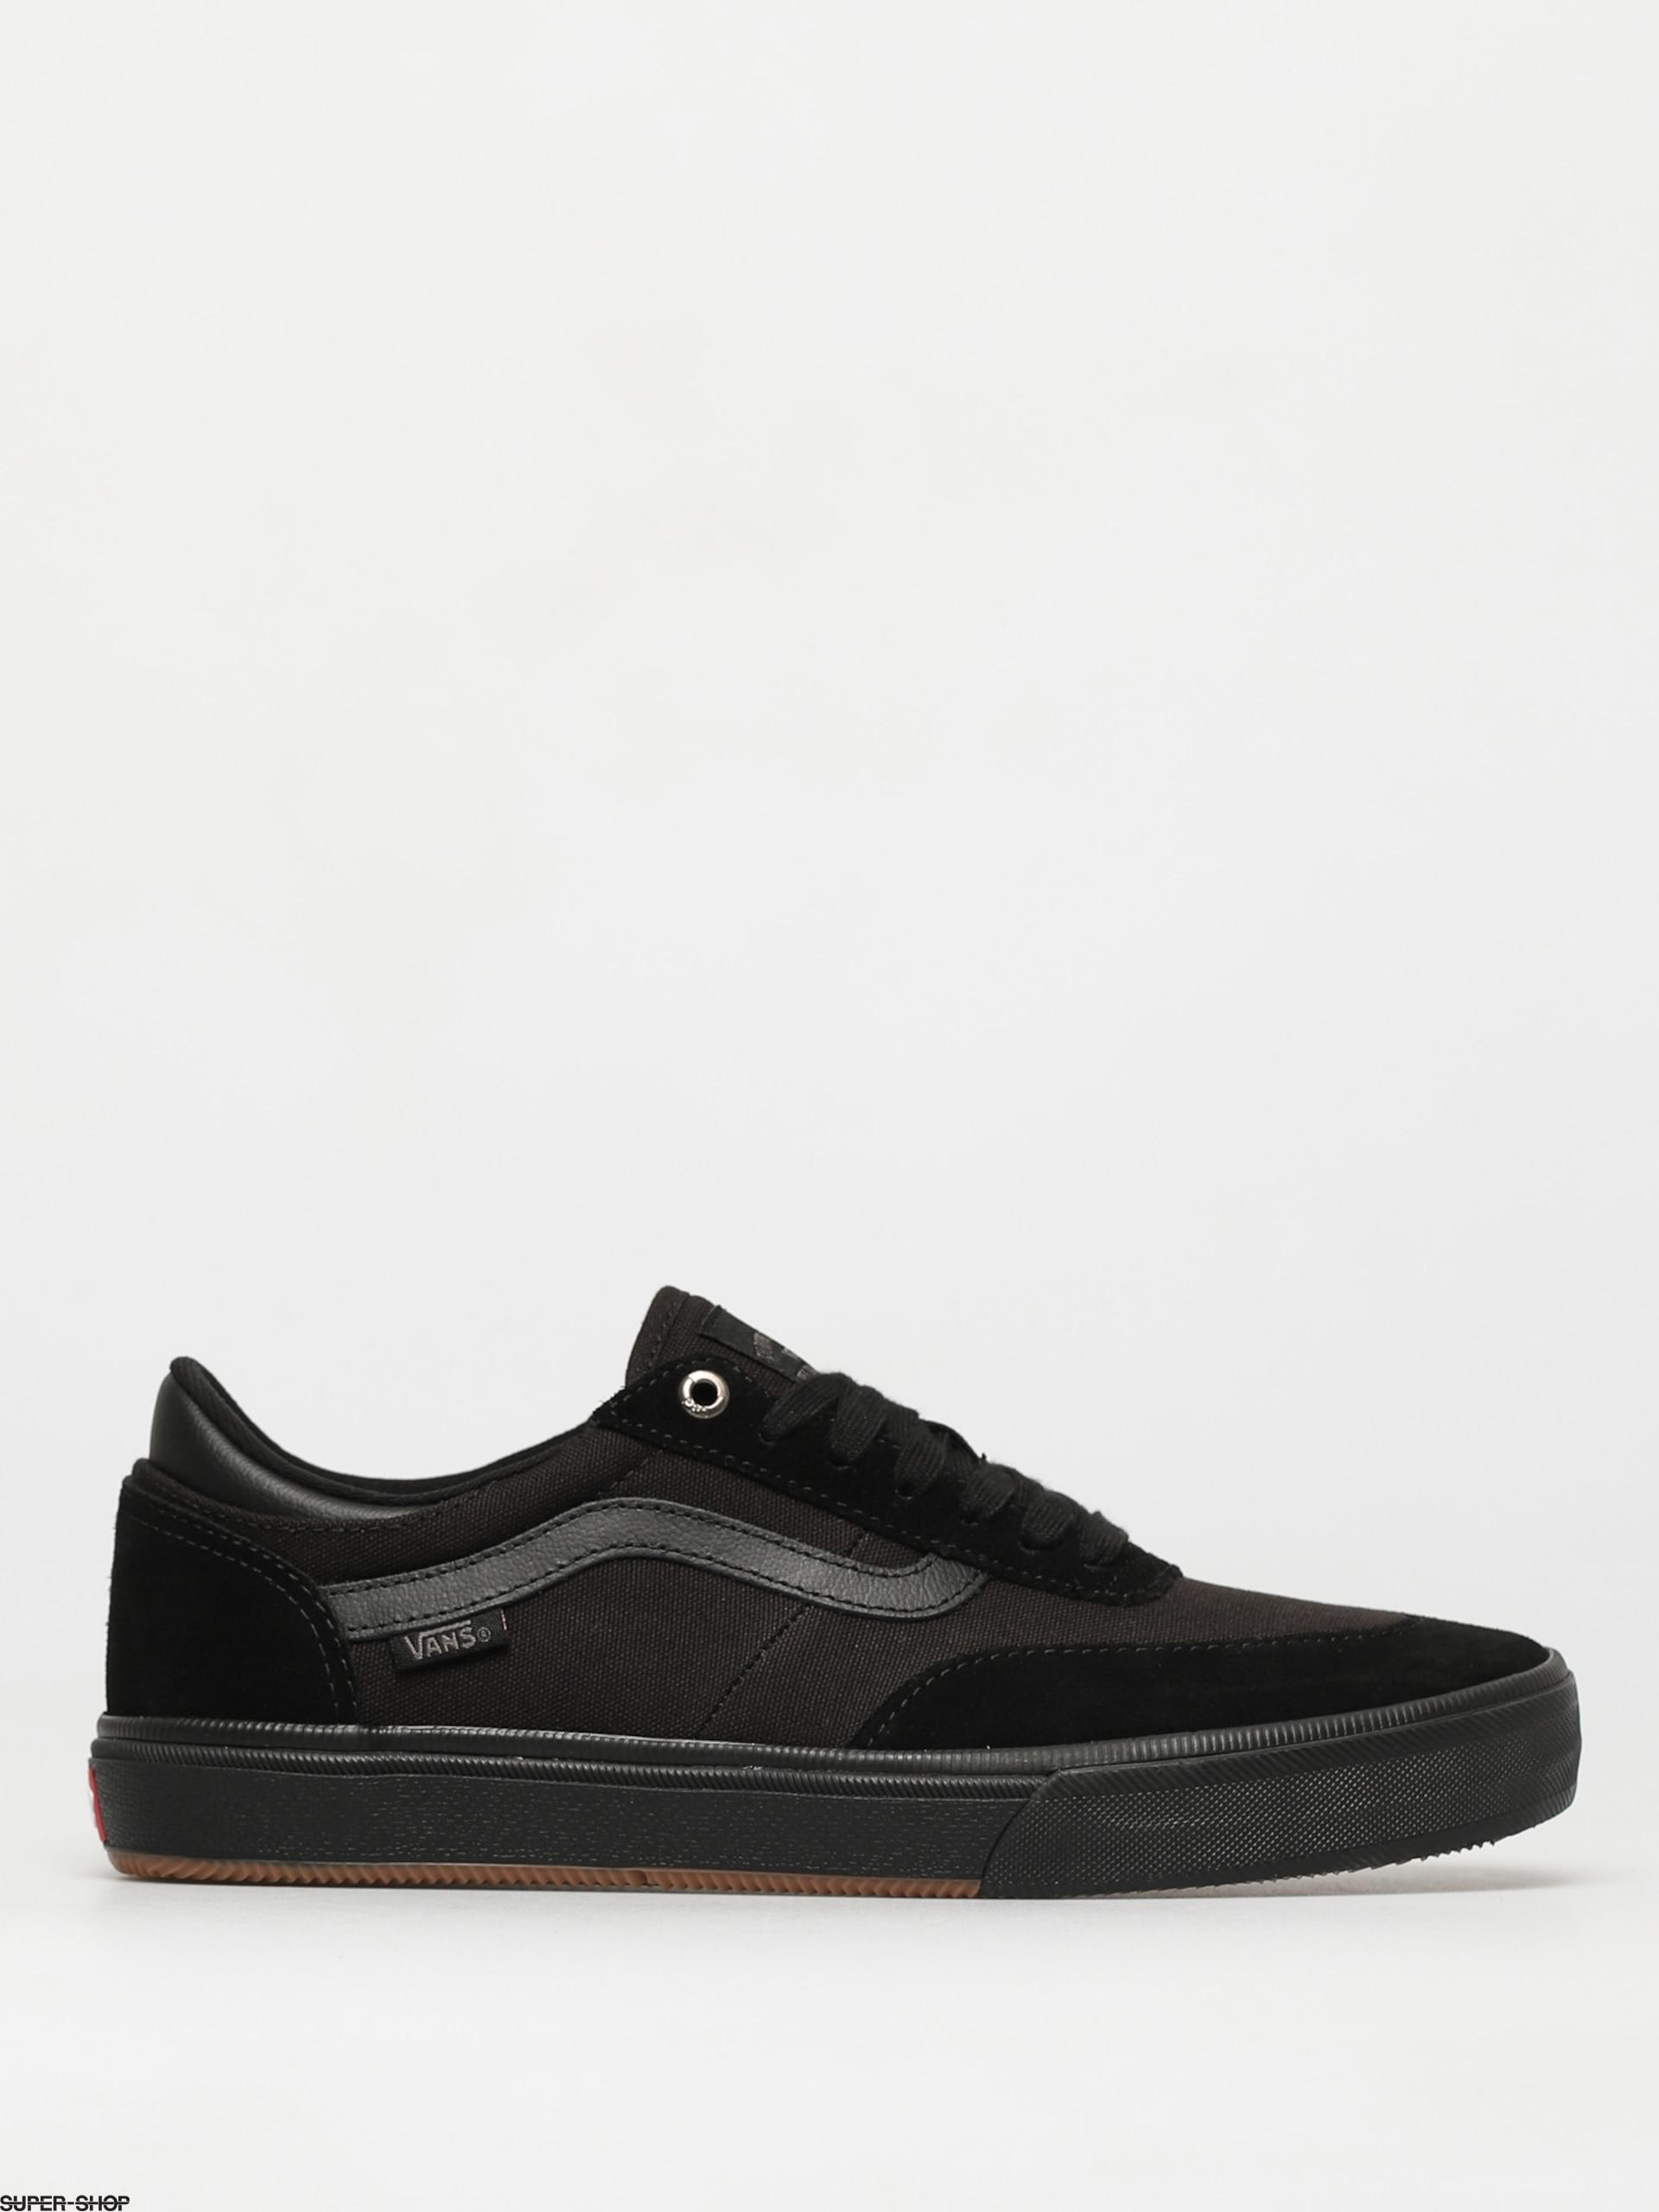 Vans Gilbert Crockett Shoes (blackout)